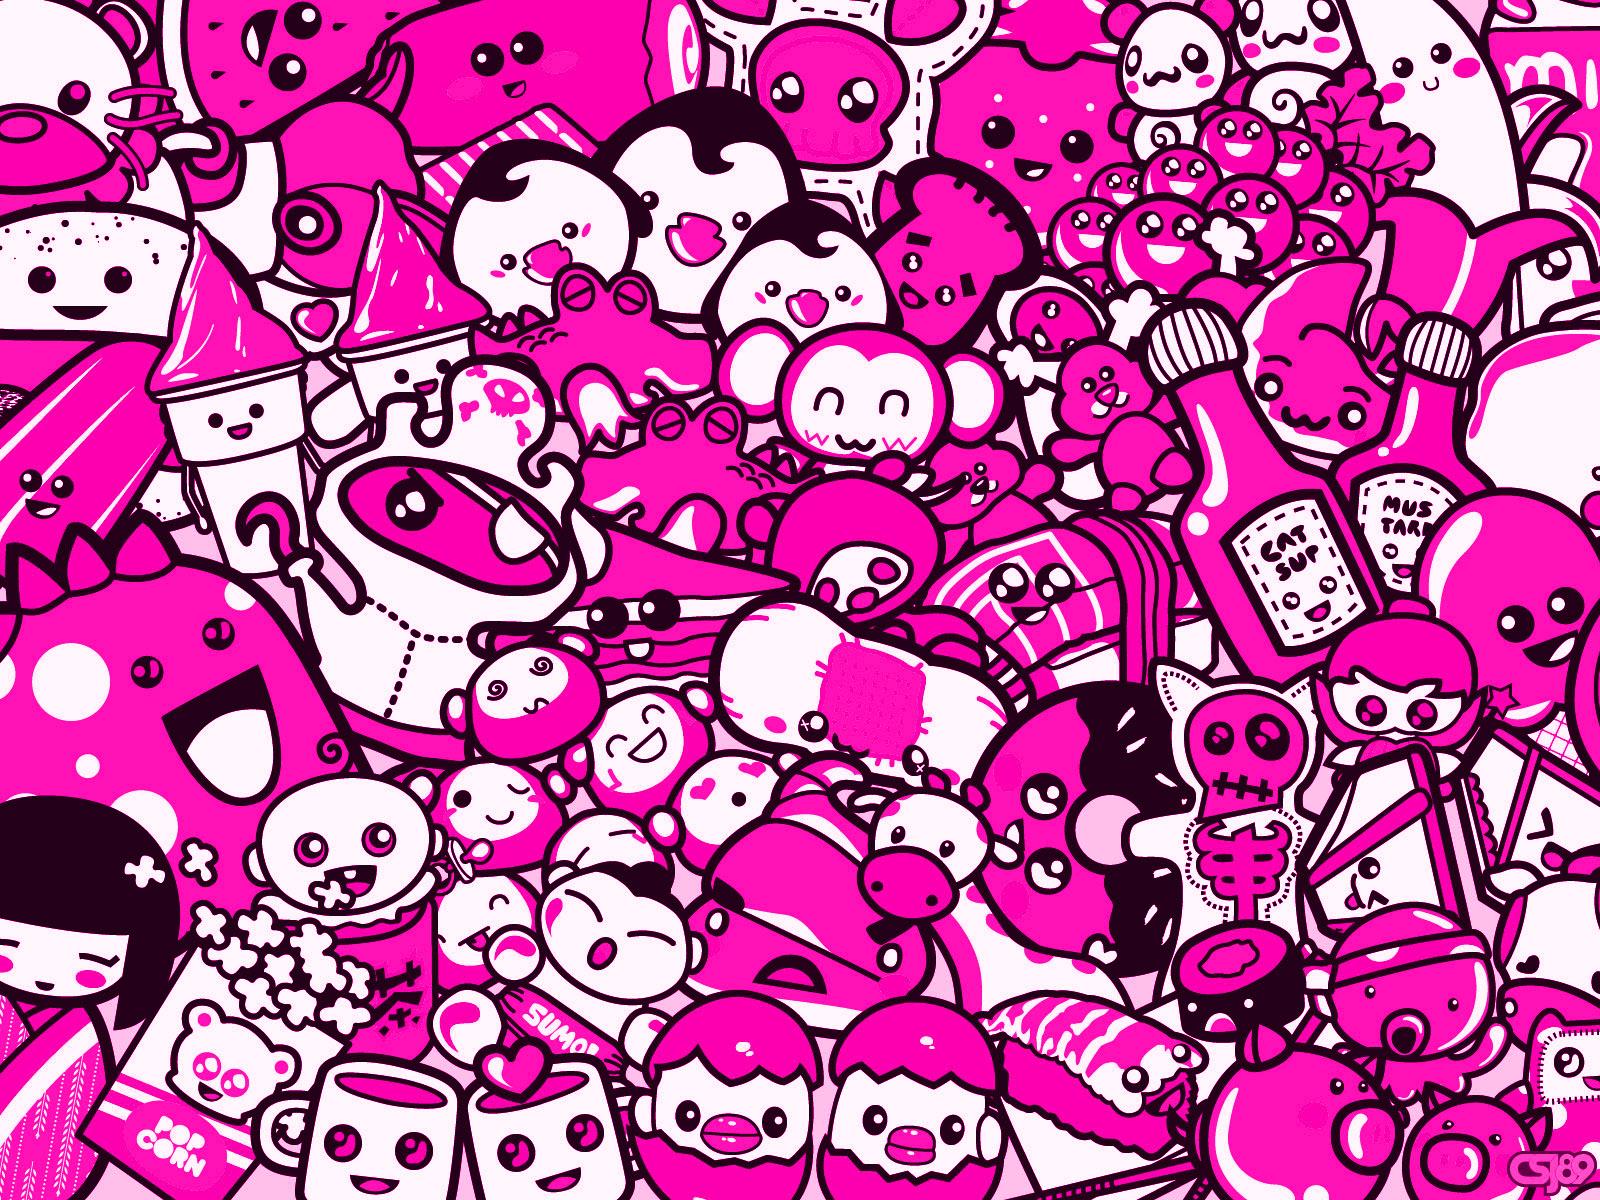 cute wallpaper 1600x1200 - photo #25